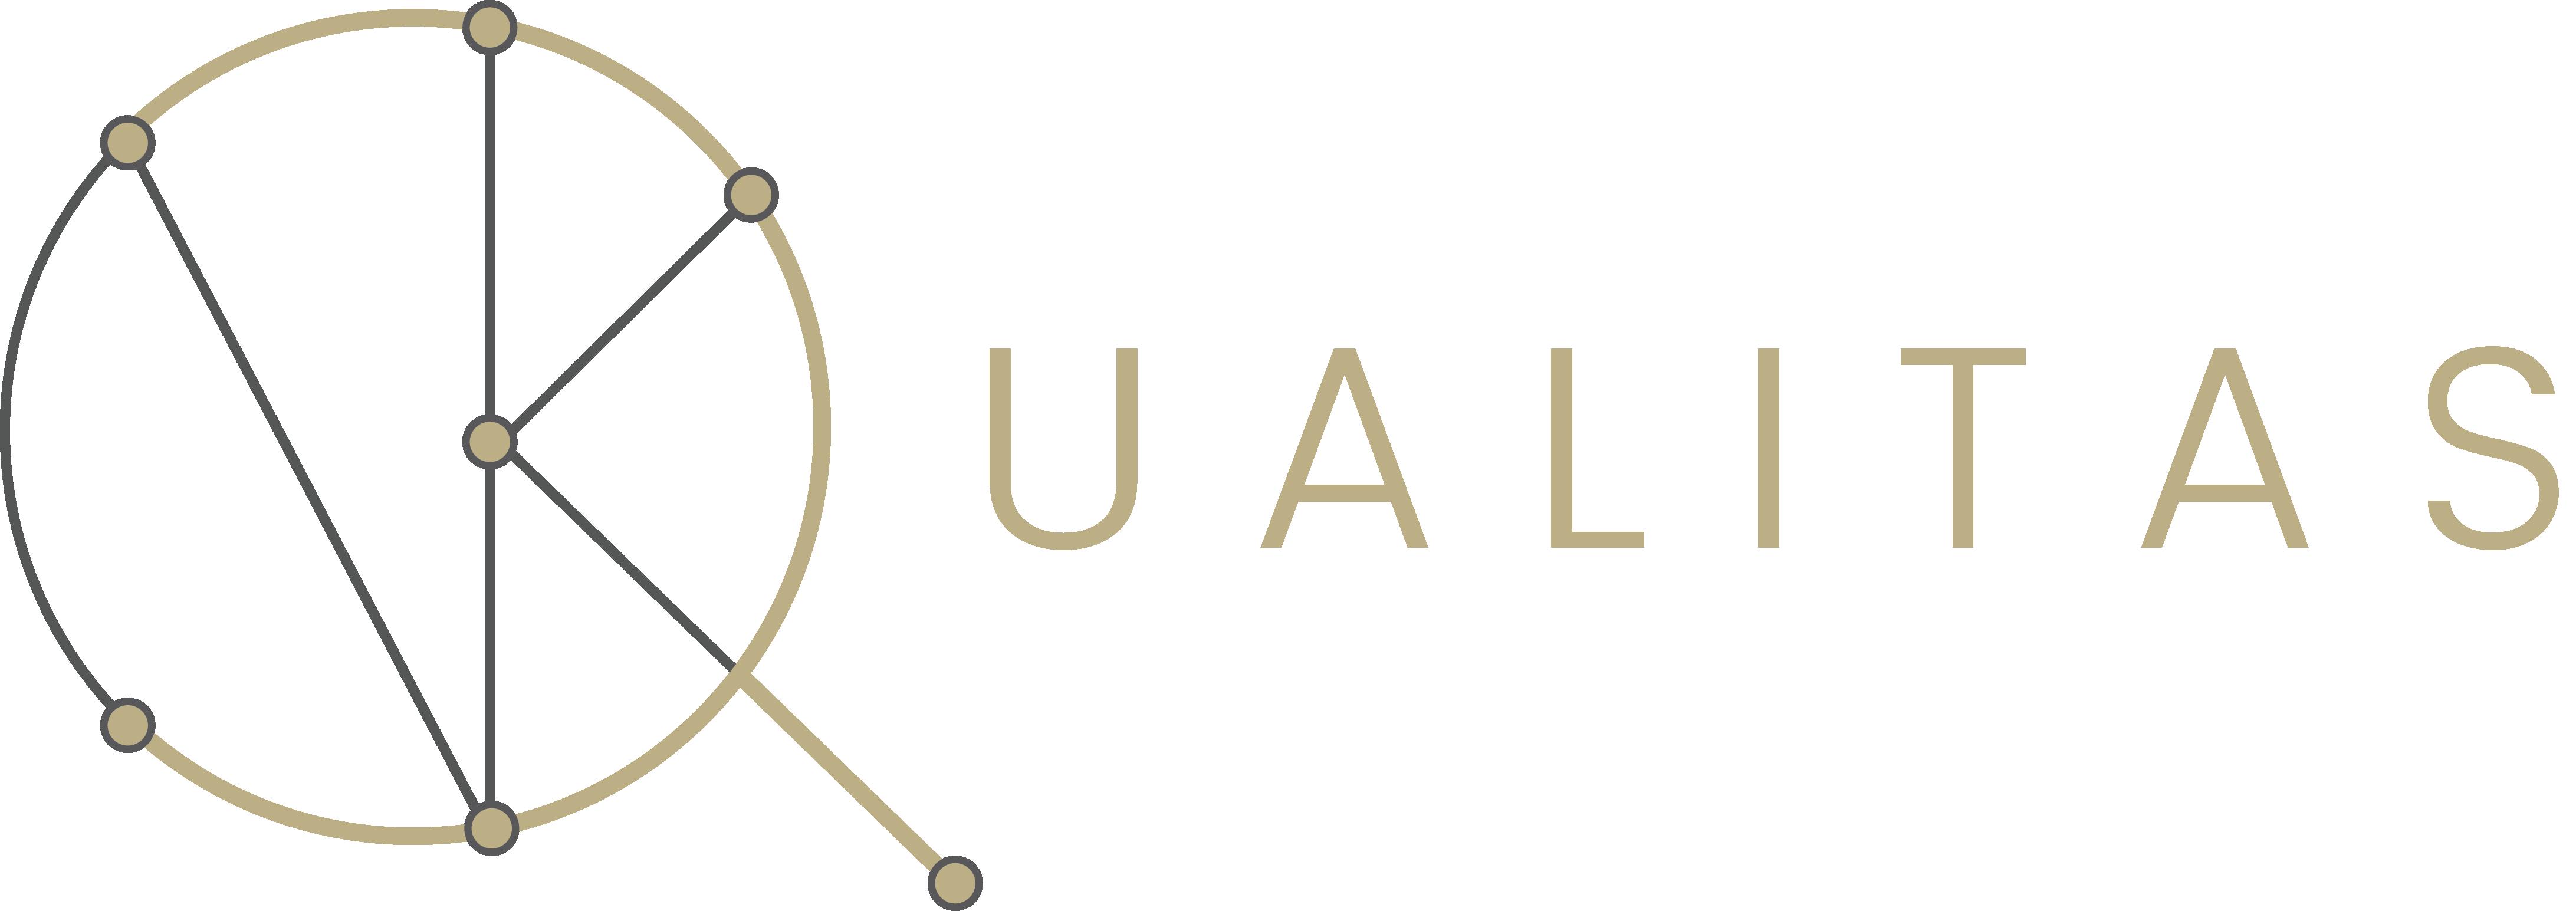 www.nkqualitas.com